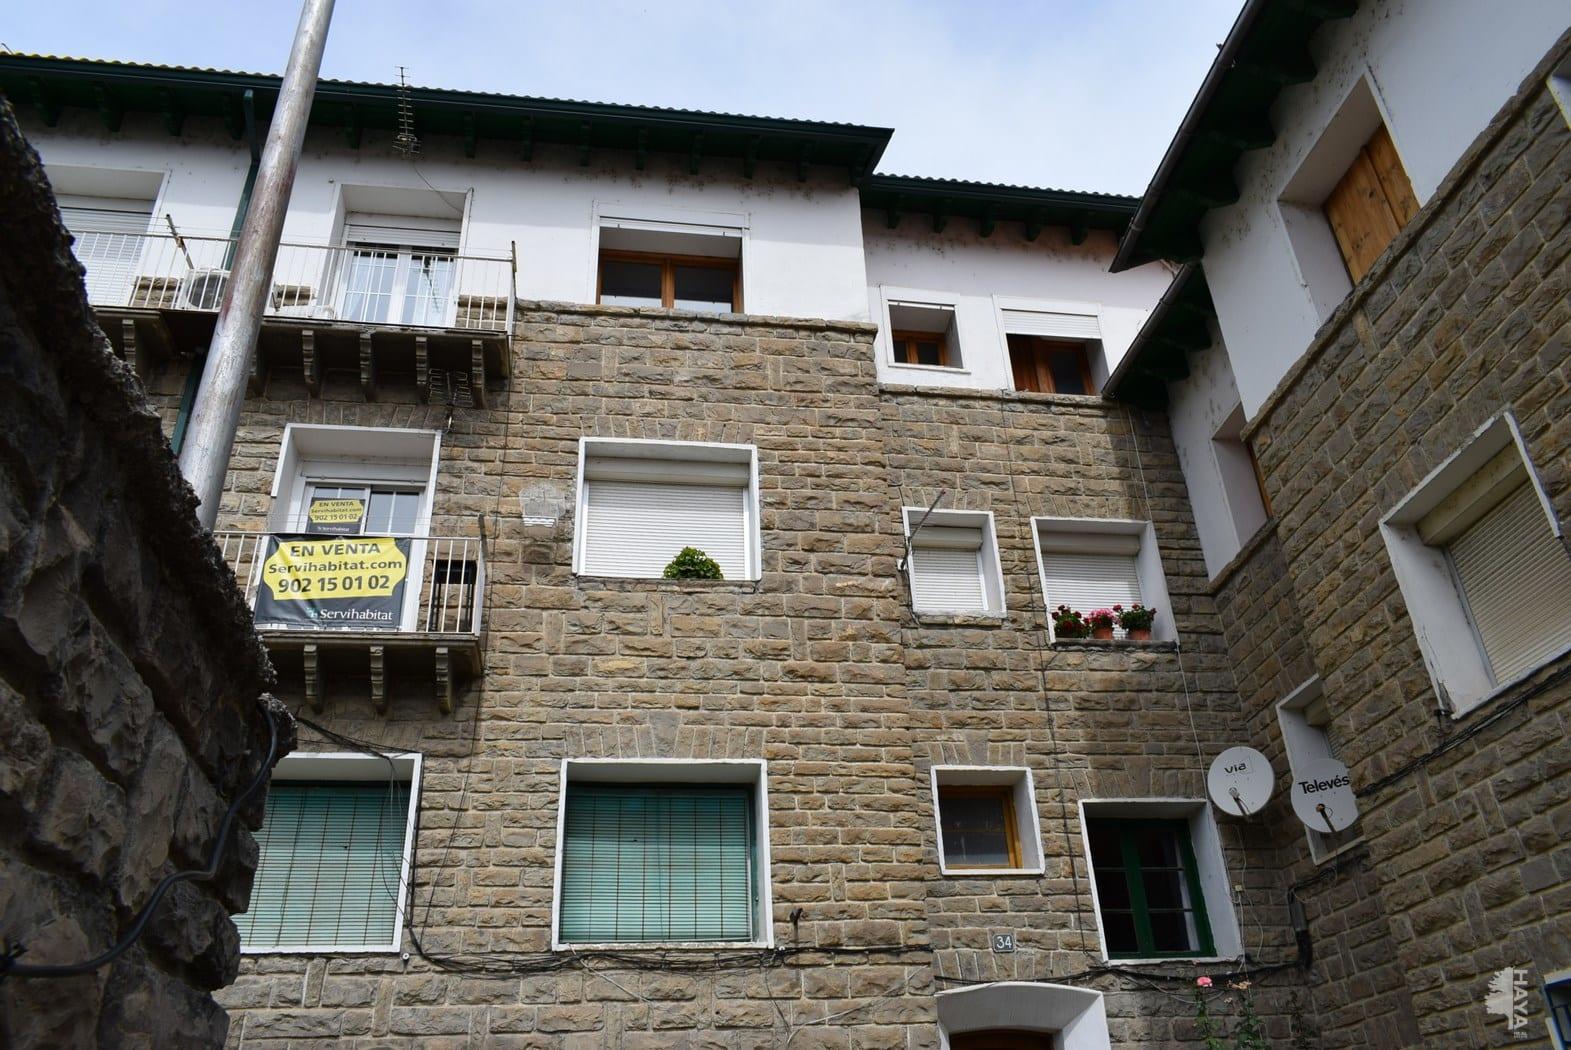 flats venta in sabiñanigo coli escalona